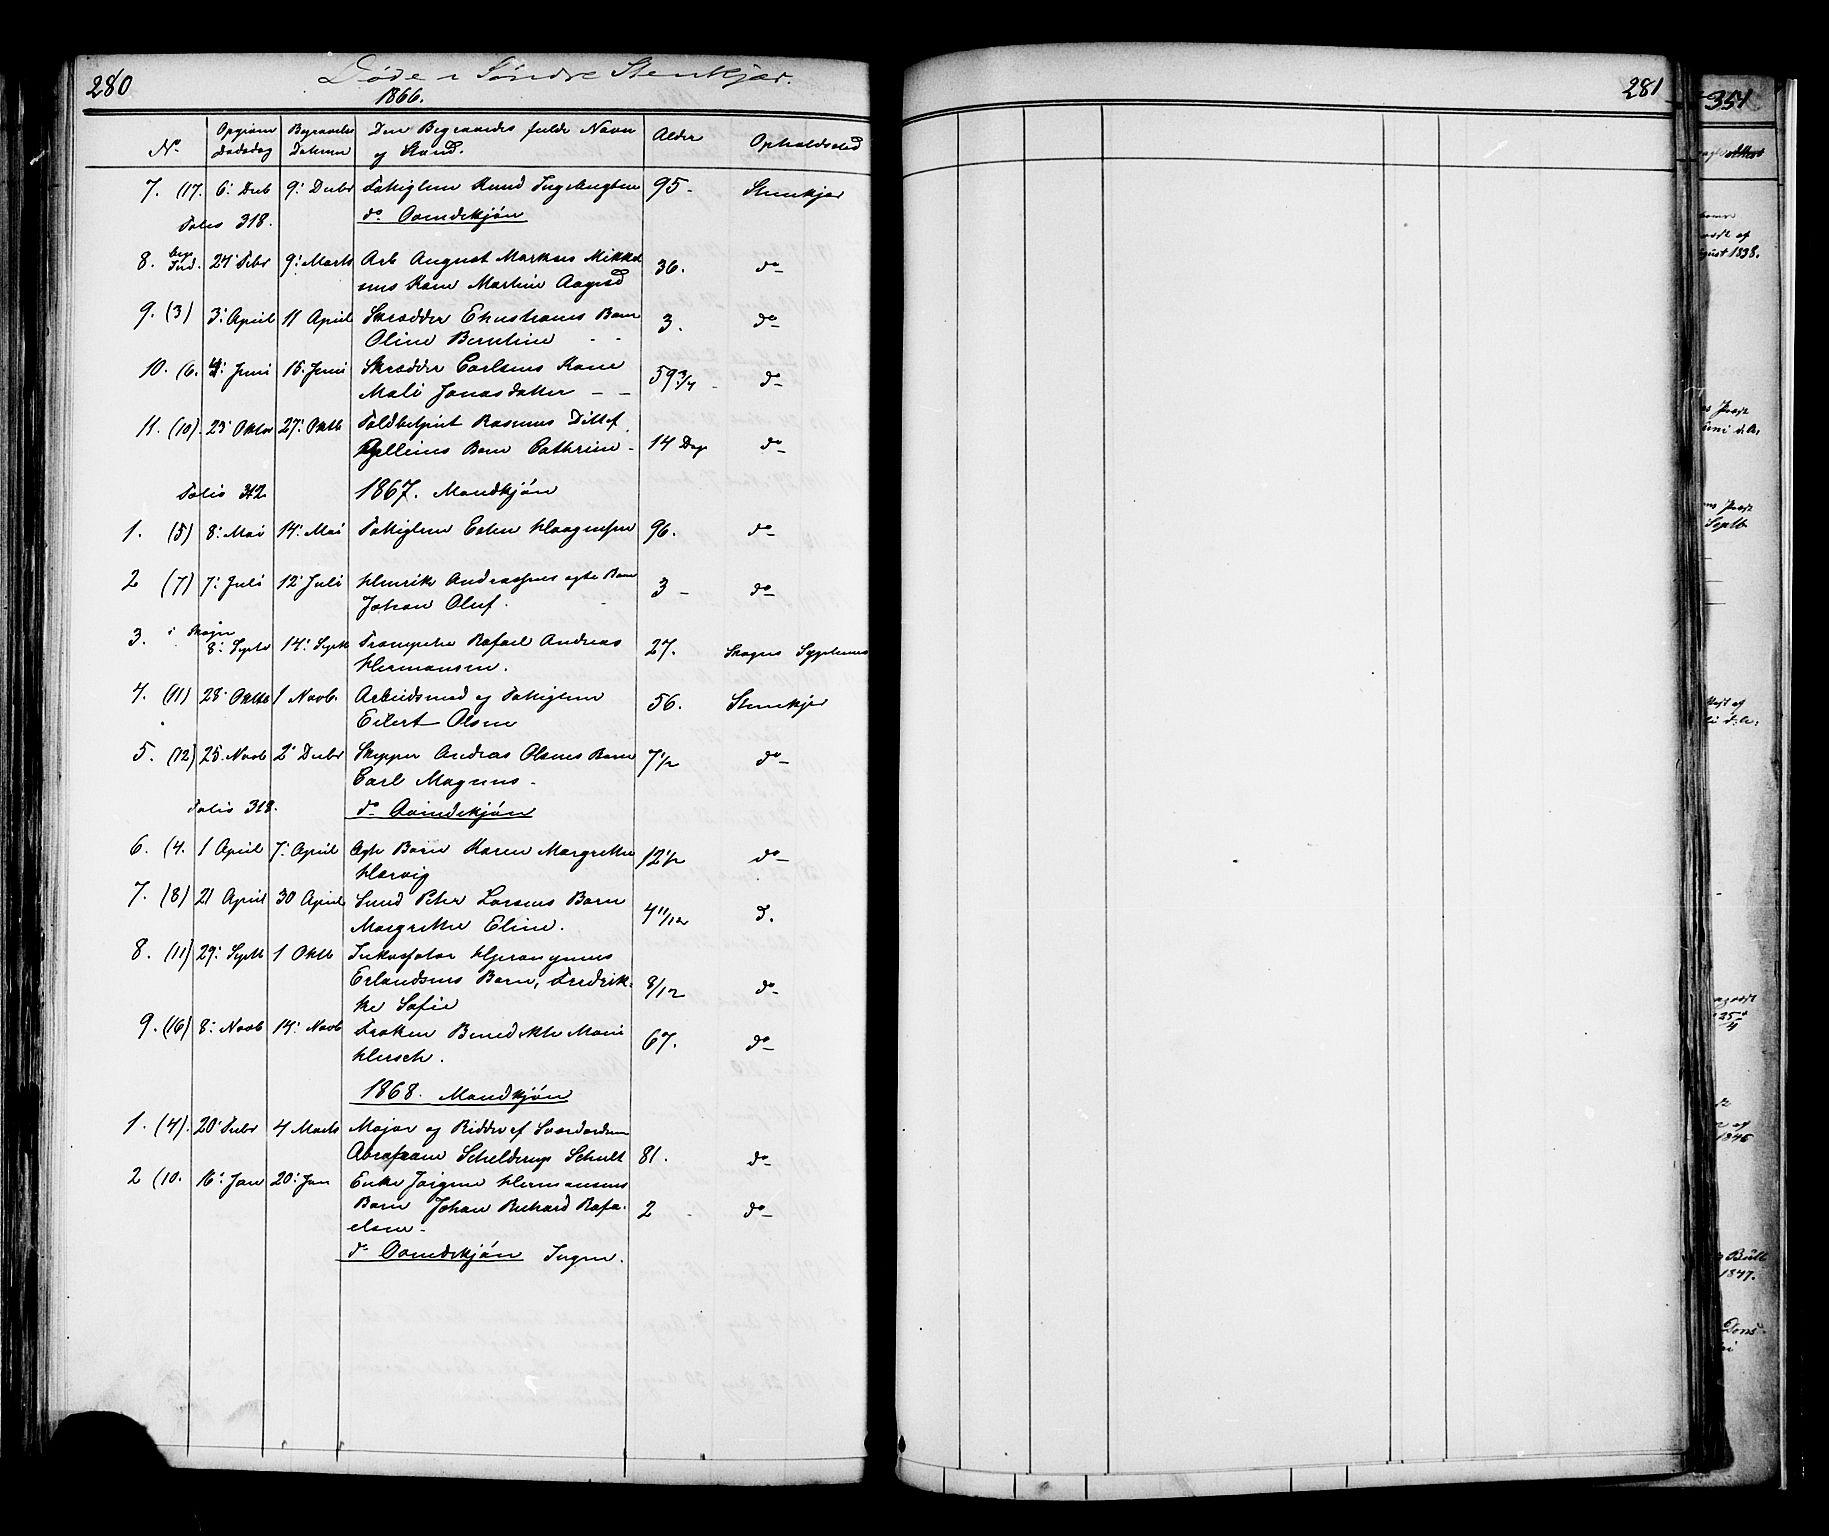 SAT, Ministerialprotokoller, klokkerbøker og fødselsregistre - Nord-Trøndelag, 739/L0367: Ministerialbok nr. 739A01 /1, 1838-1868, s. 280-281